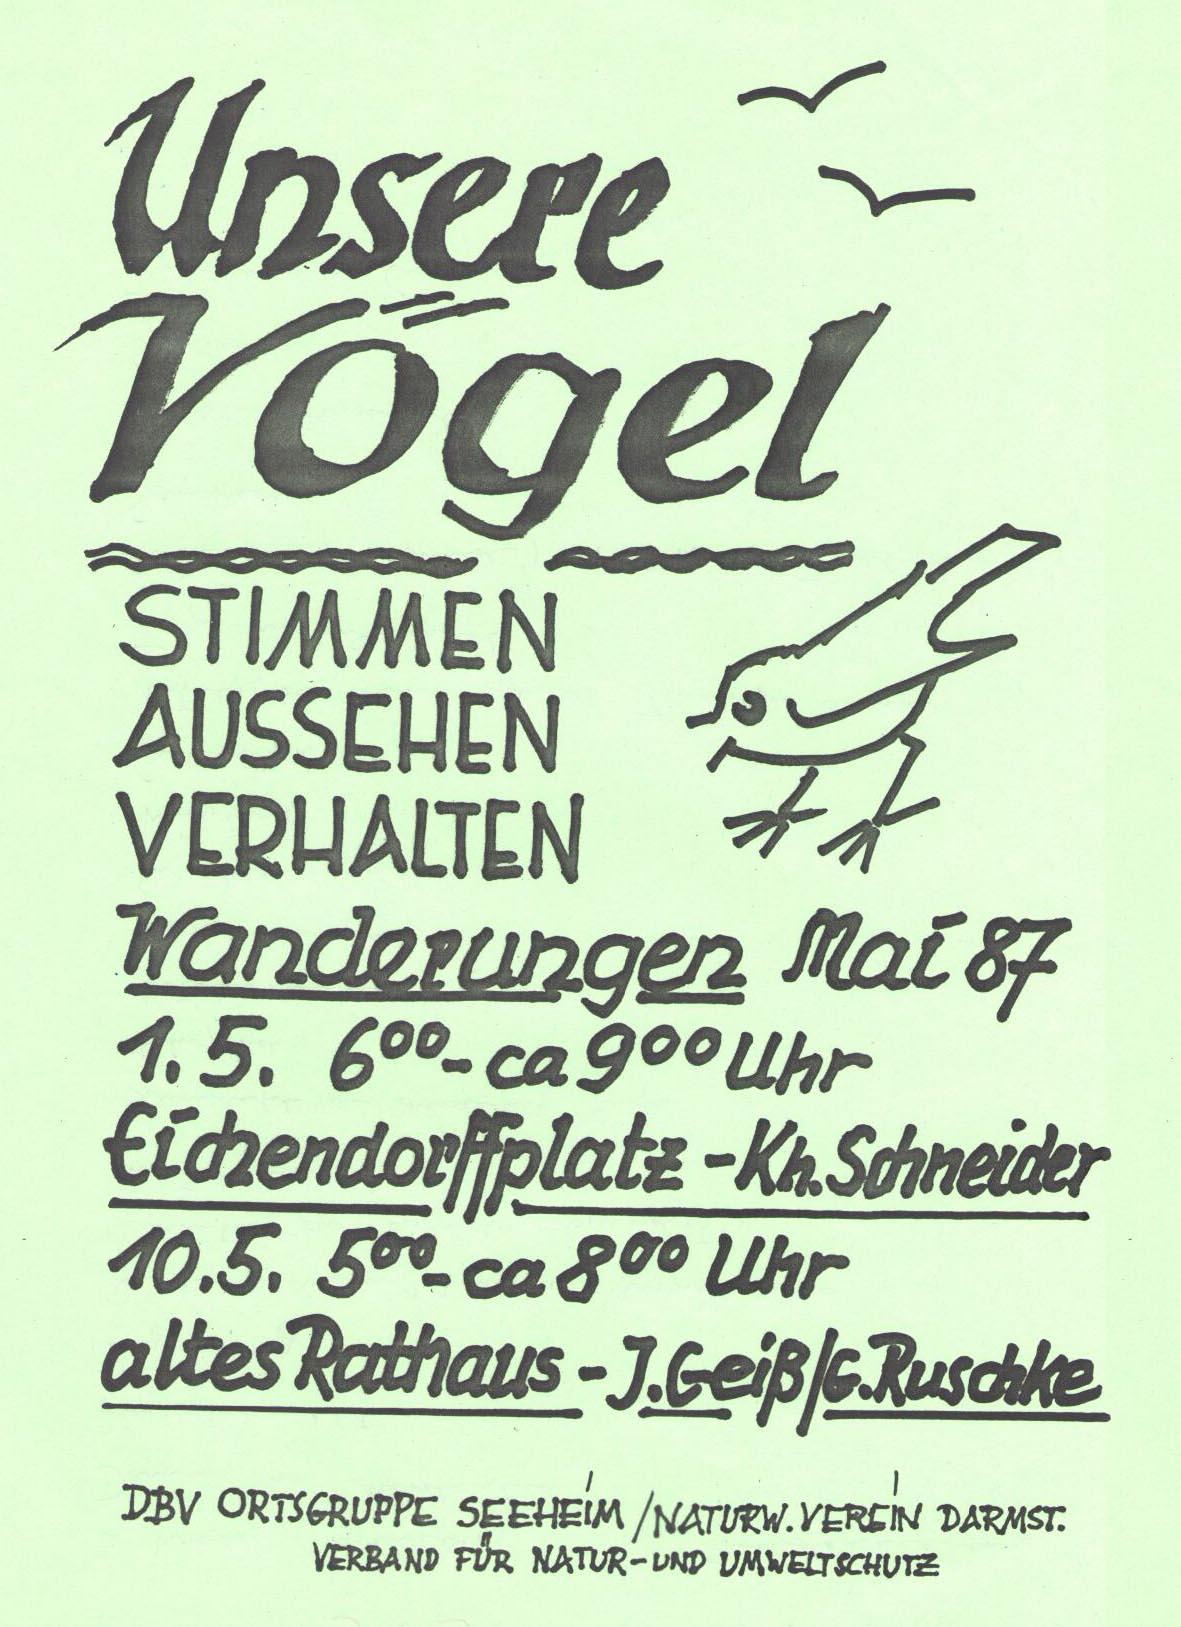 Einladung zur Vogelstimmenwanderung am 1.5.1987